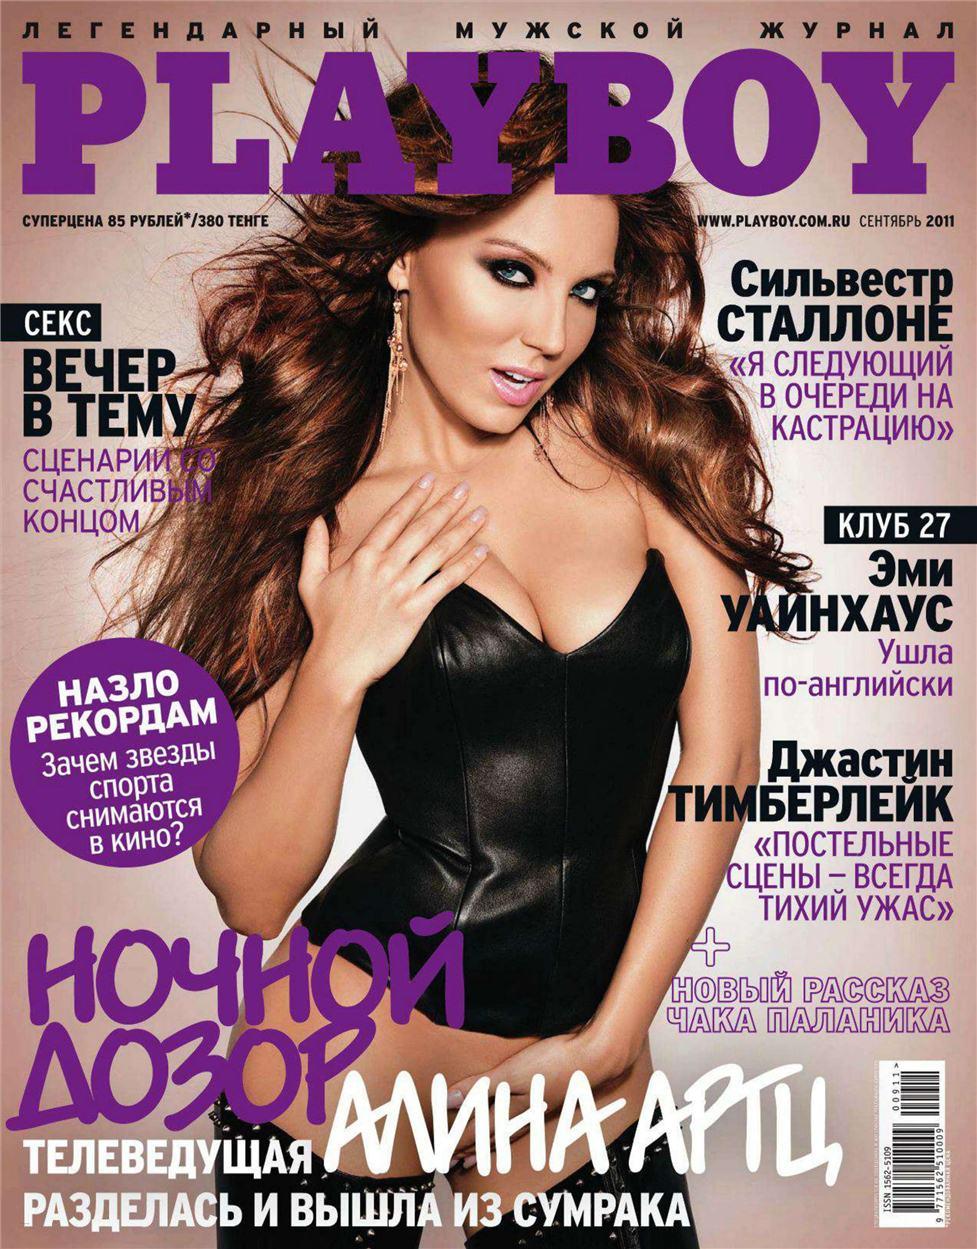 Фото девушки с обложки журнала плейбой 2011 года апрель 3 фотография